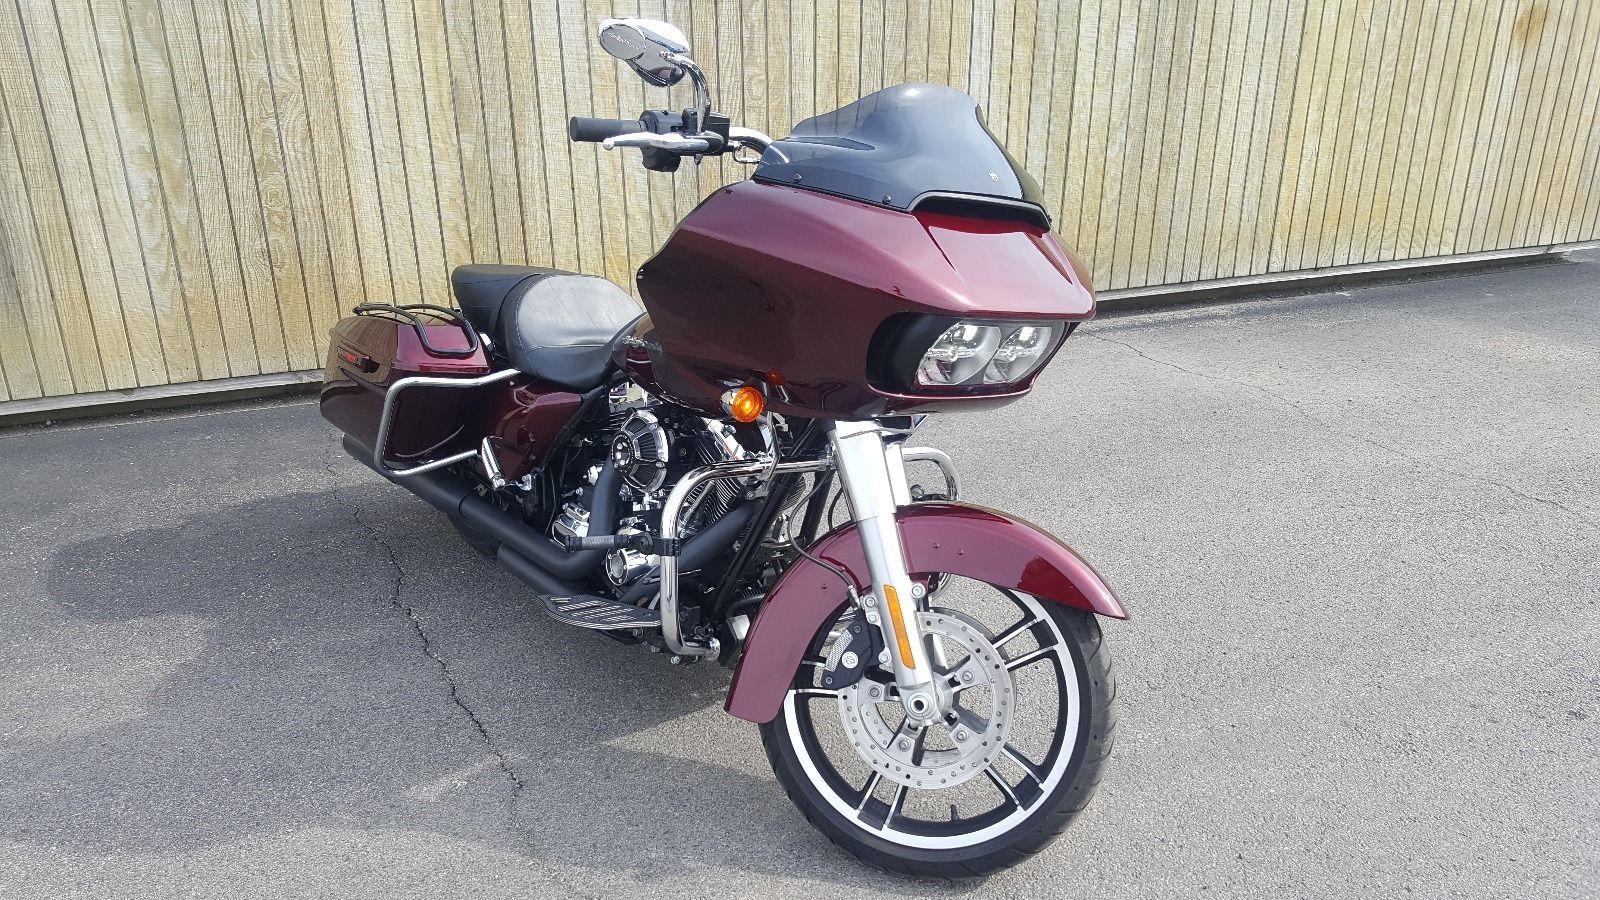 Forsale 2015 Harley Davidson Fltrx Price 10,100.00